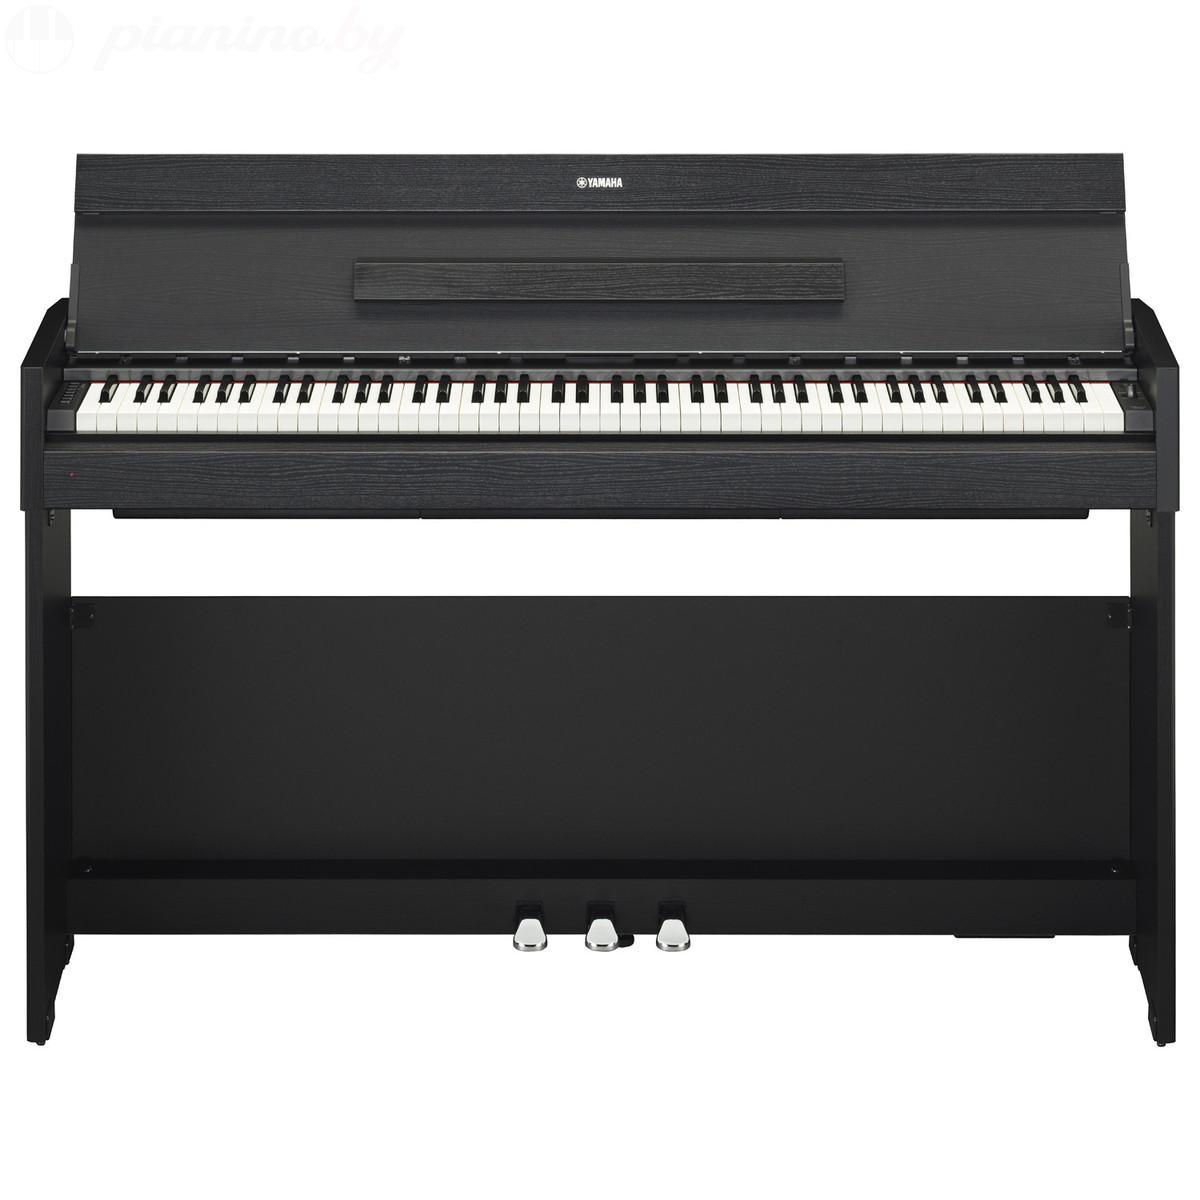 Цифровое пианино Yamaha Arius YDP-S52 Black Walnut Фото 2